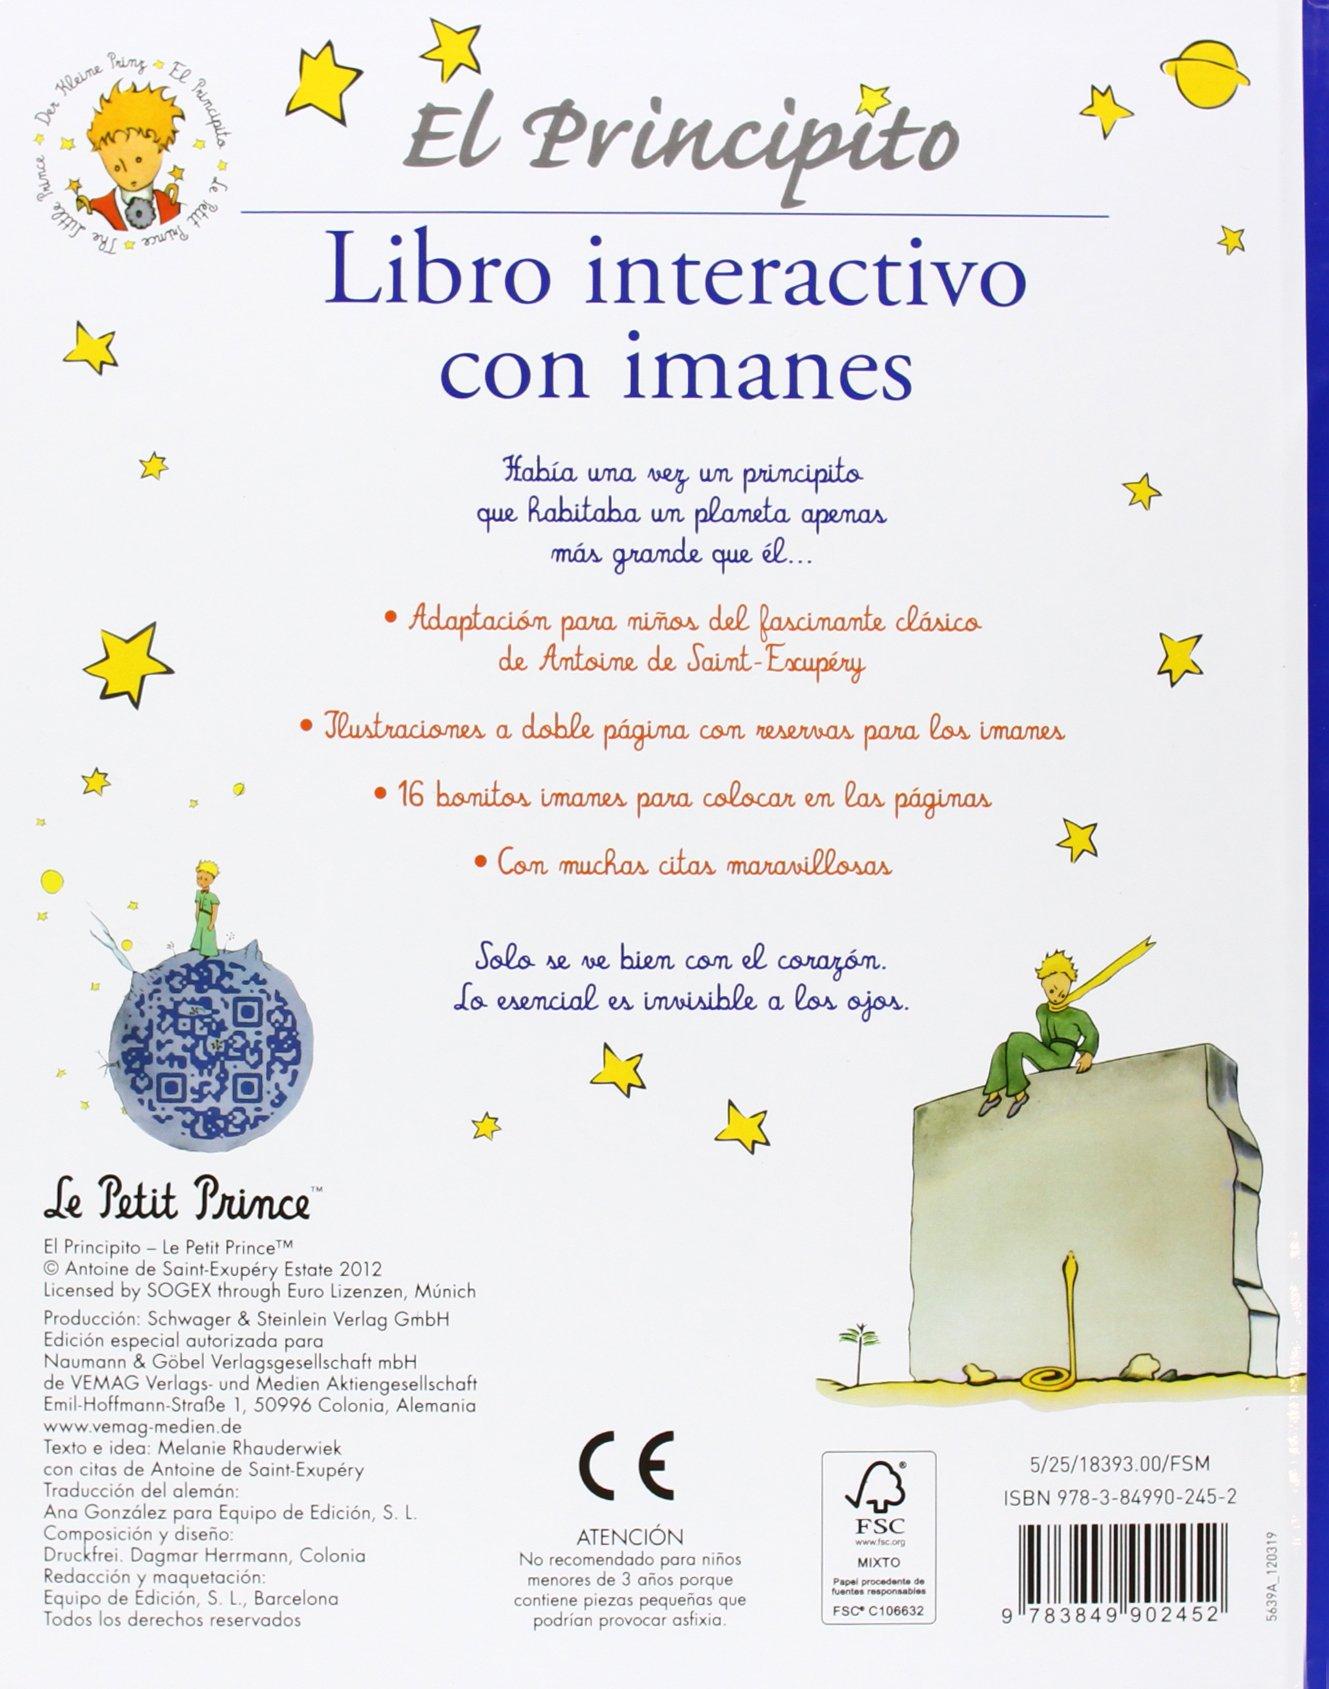 PRINCIPITO, EL (LIBRO CON IMANES)N.E.: EDITORIAL DE VECCHI S.A DE C.V: 9783849902452: Amazon.com: Books